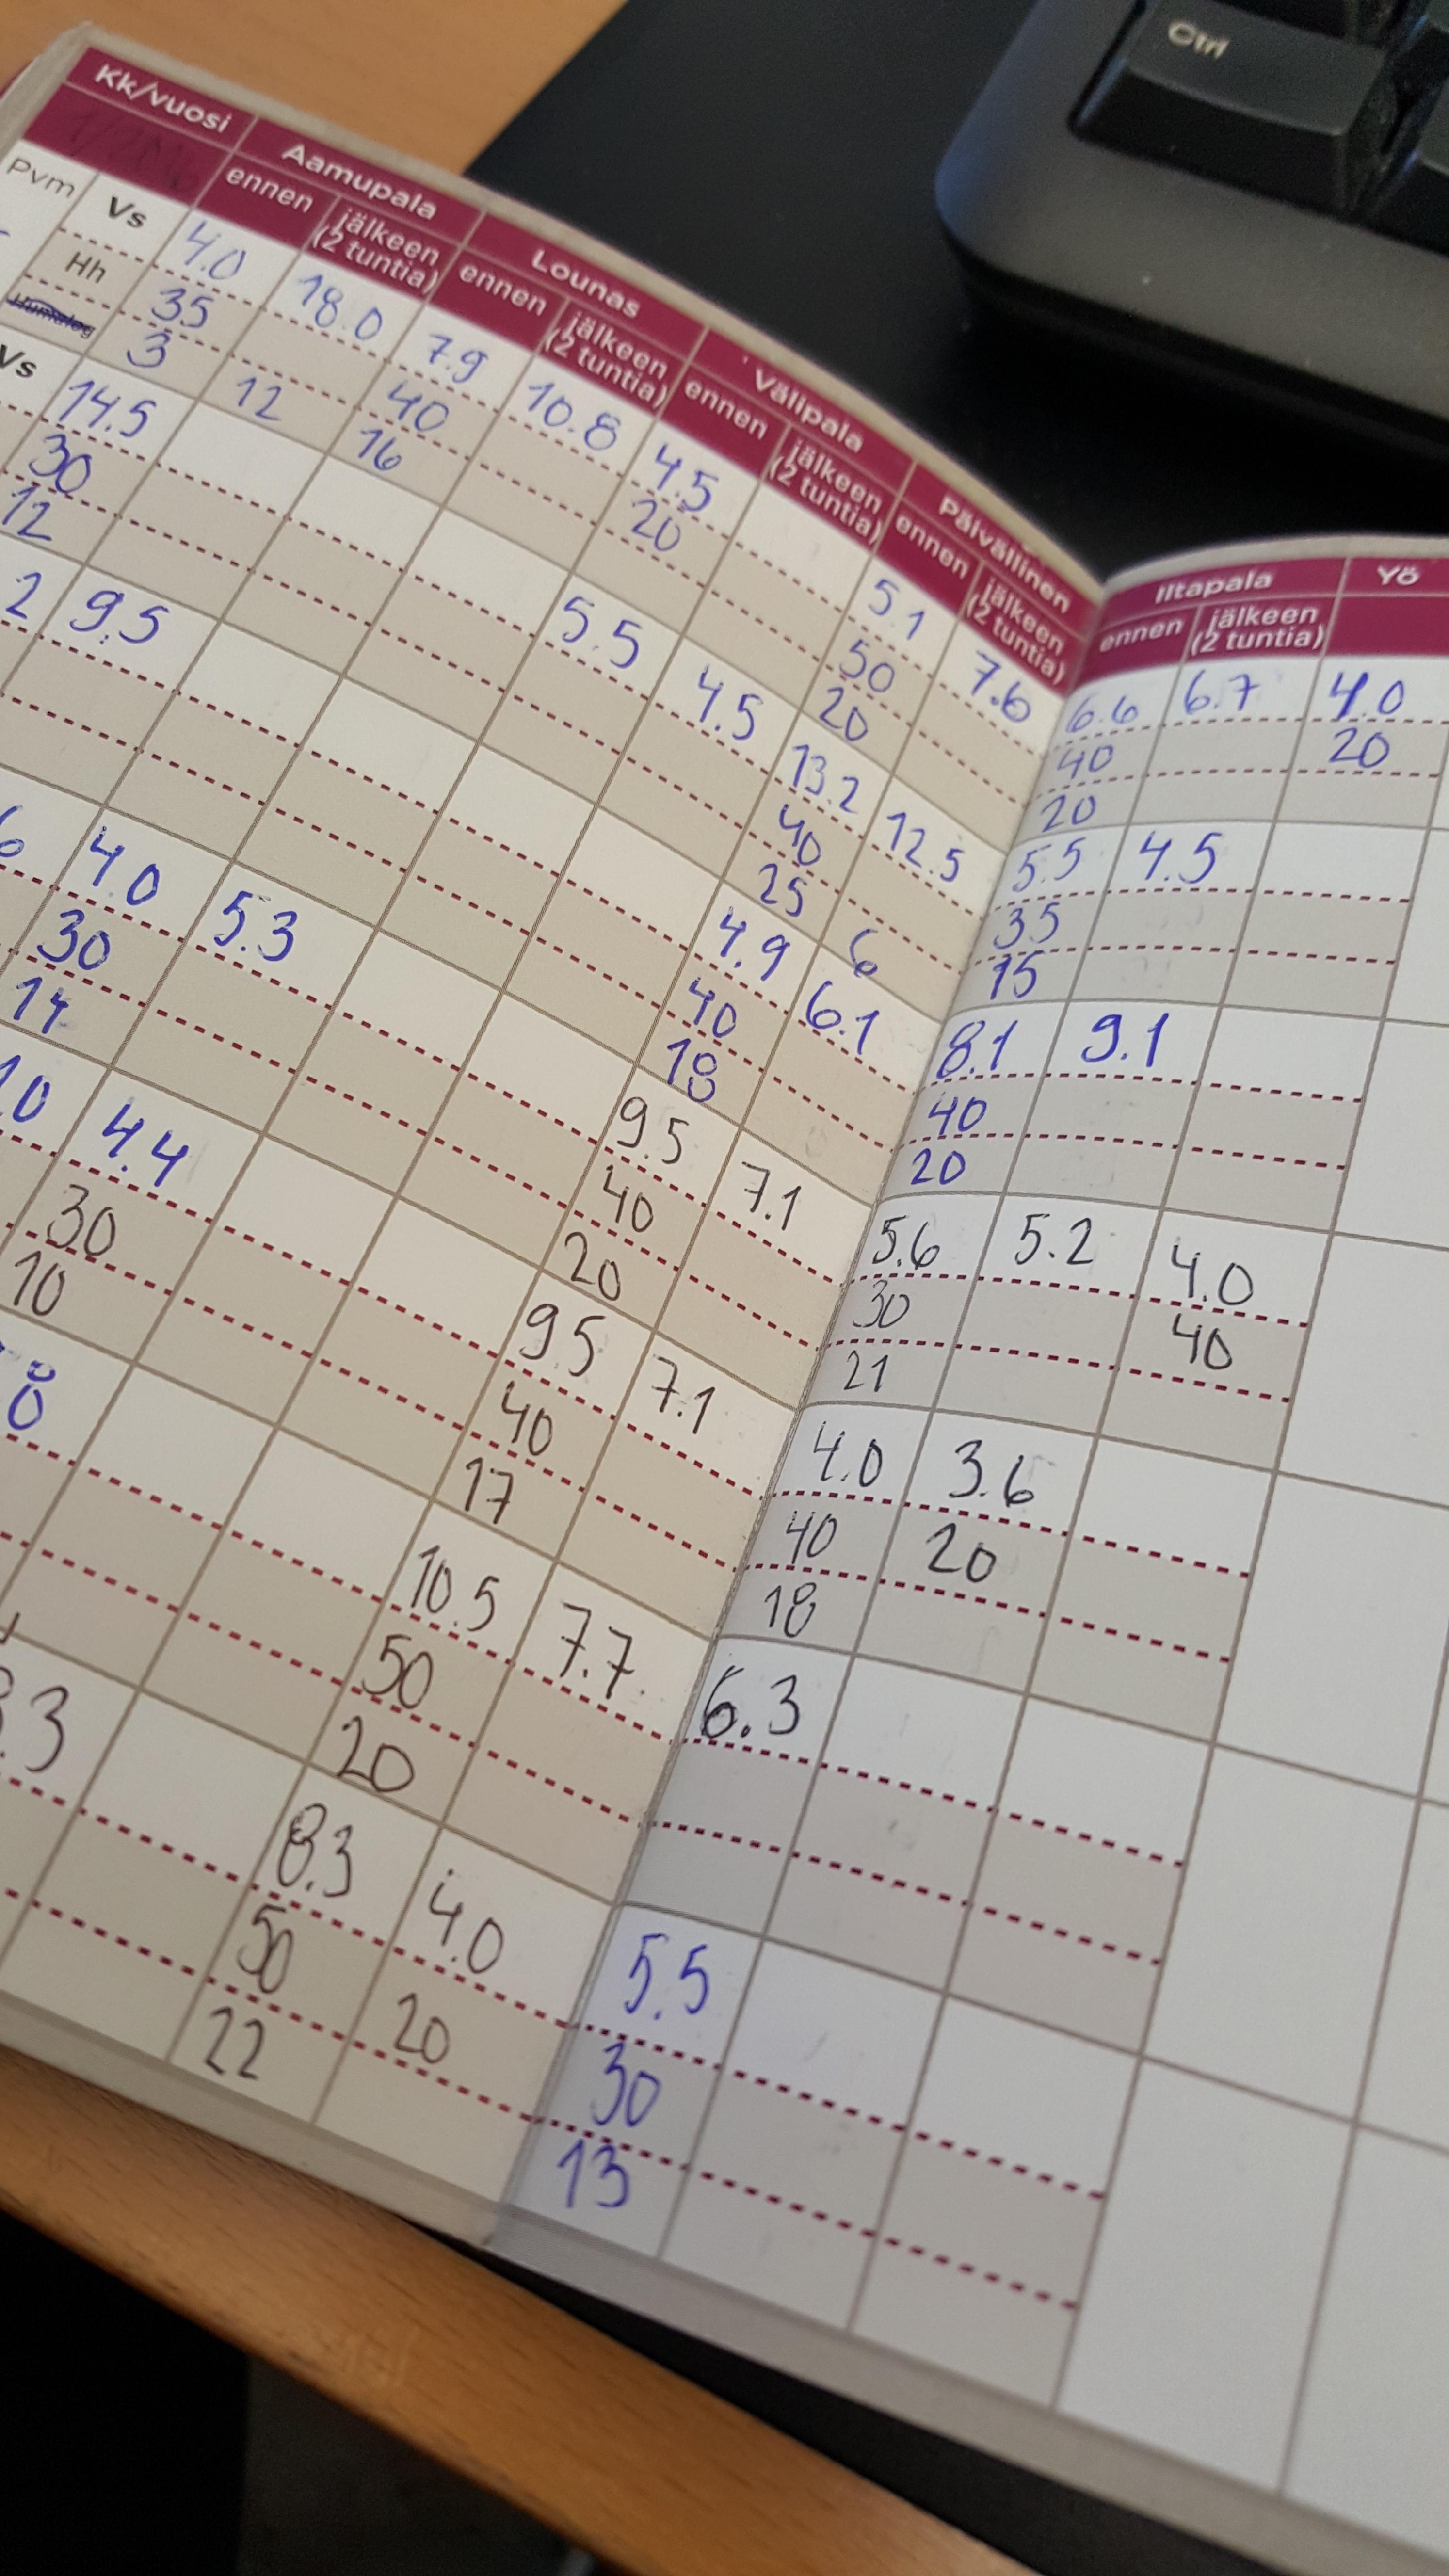 Verensokeri Päiväkirja